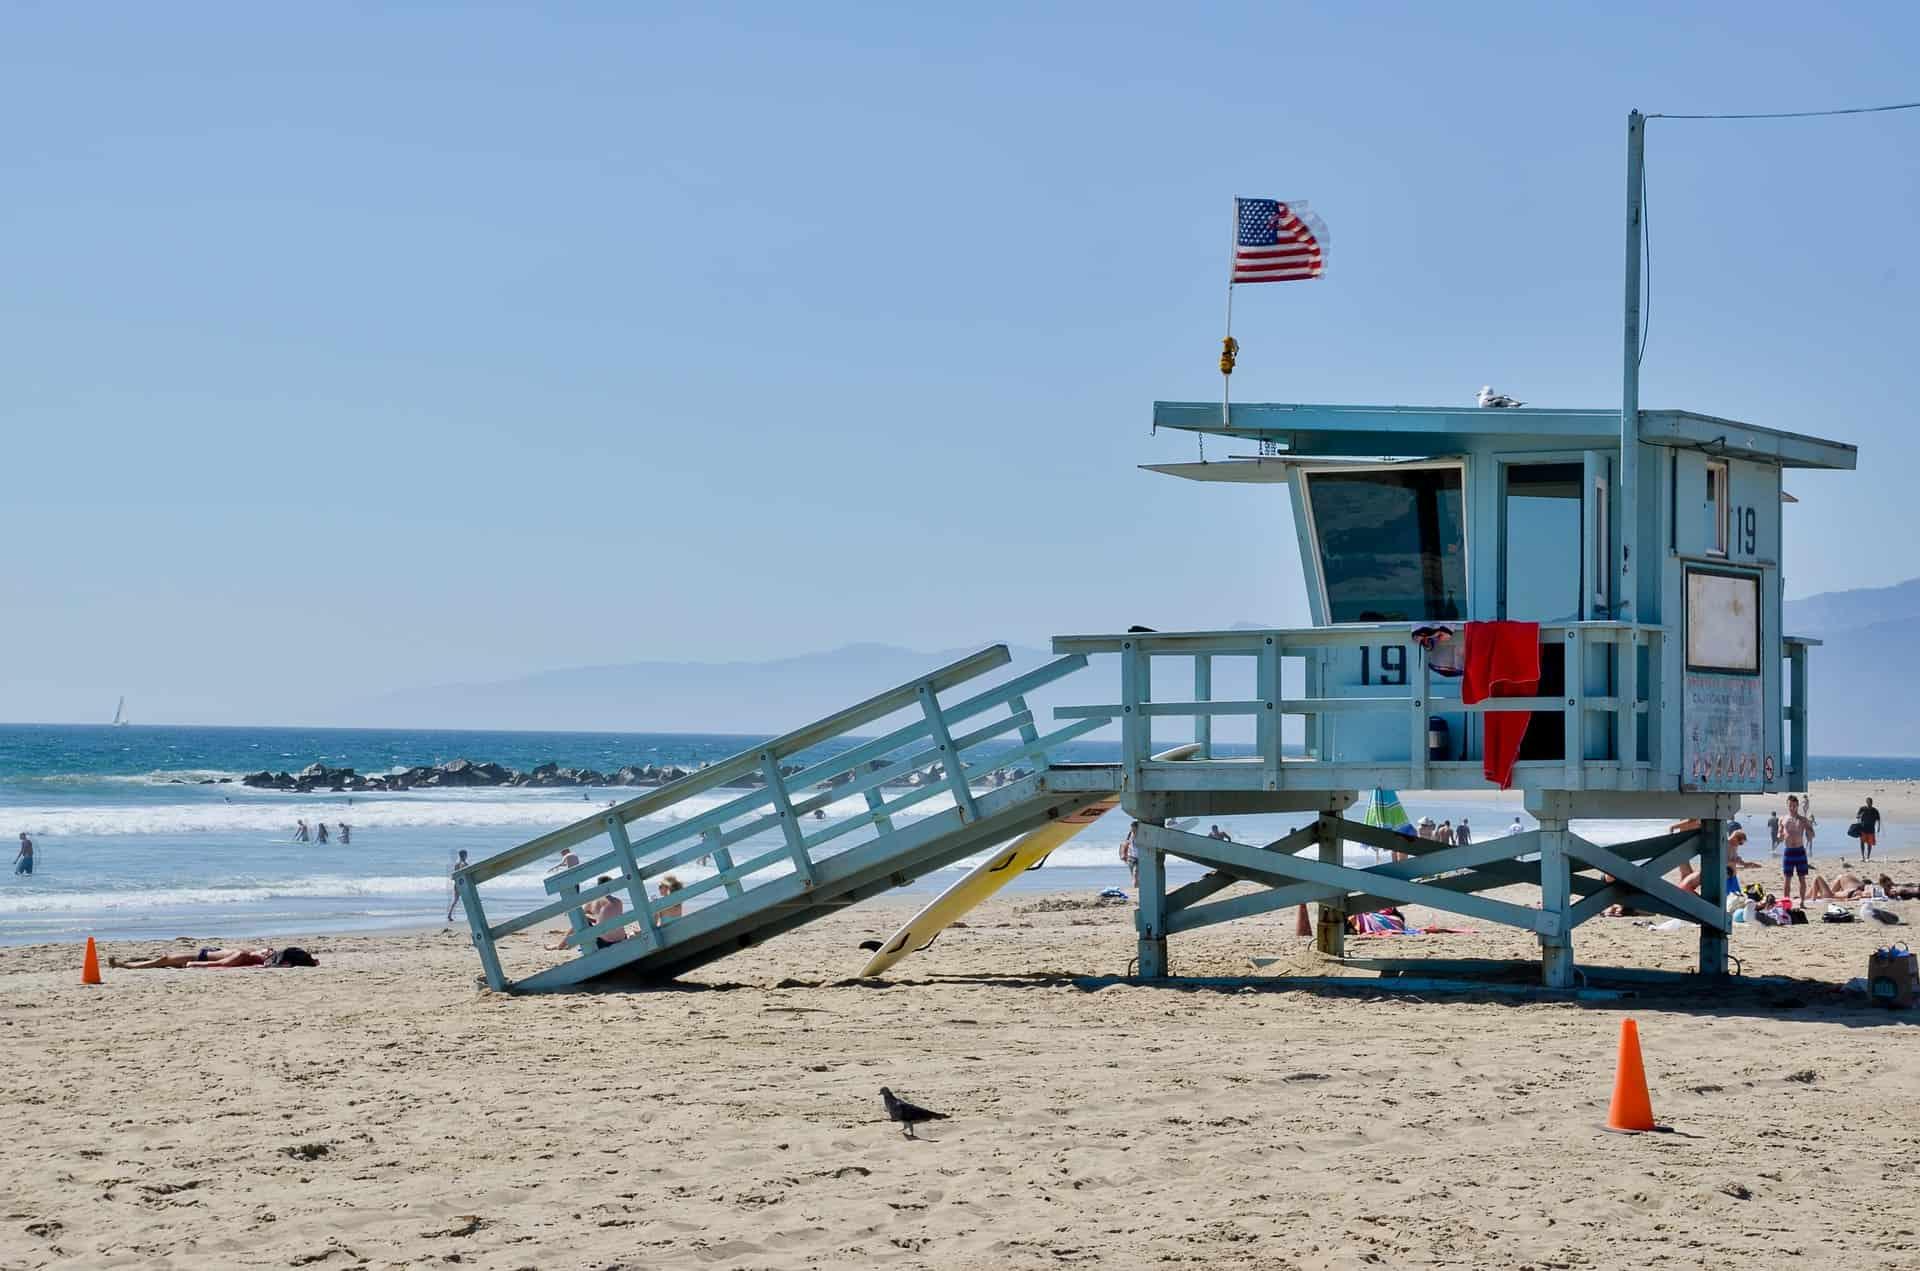 Los Angeles Urlaub ab 426,54€ - eine Woche USA Kalifornien